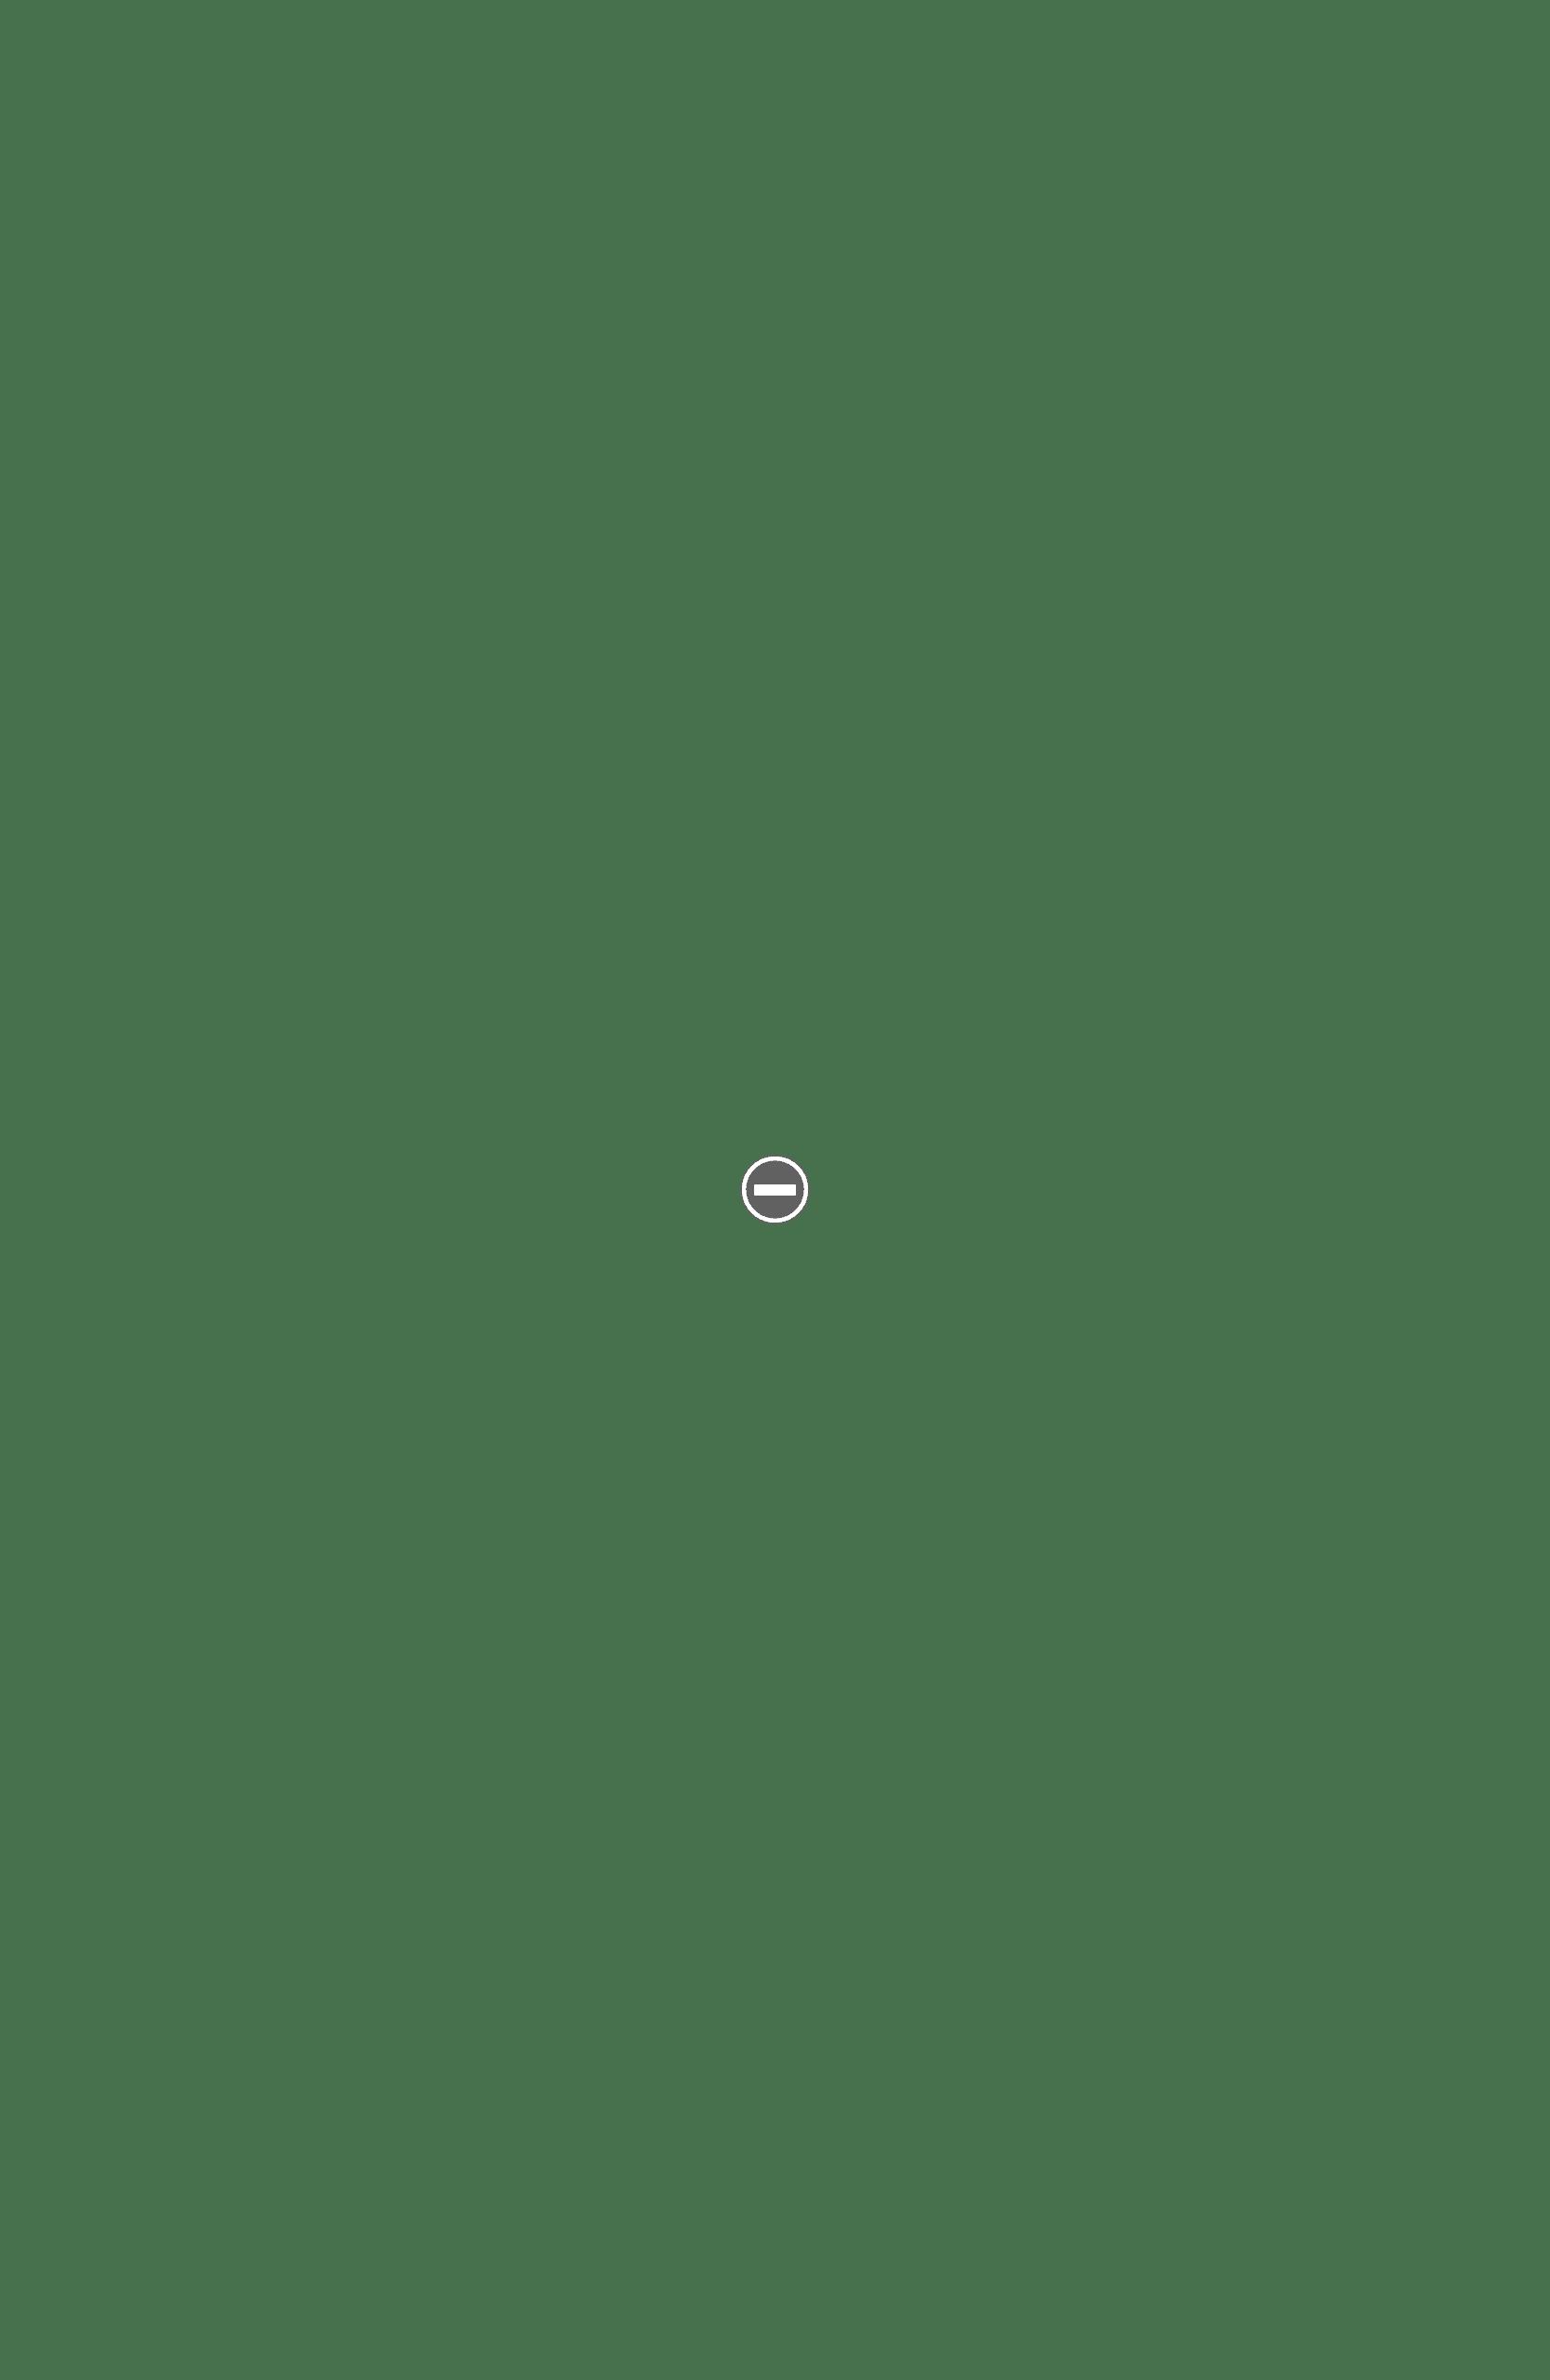 Peter Parker - Spider-Man (2001) - komplett